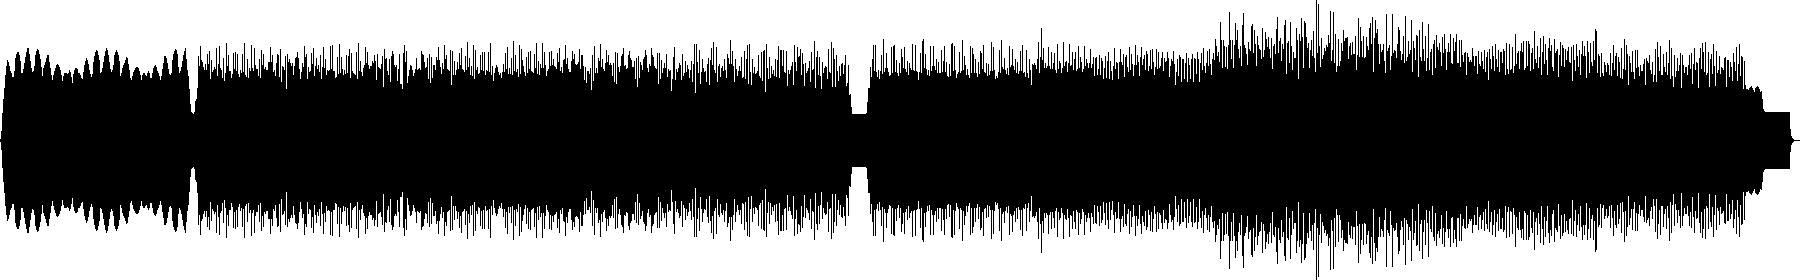 tx81z flute